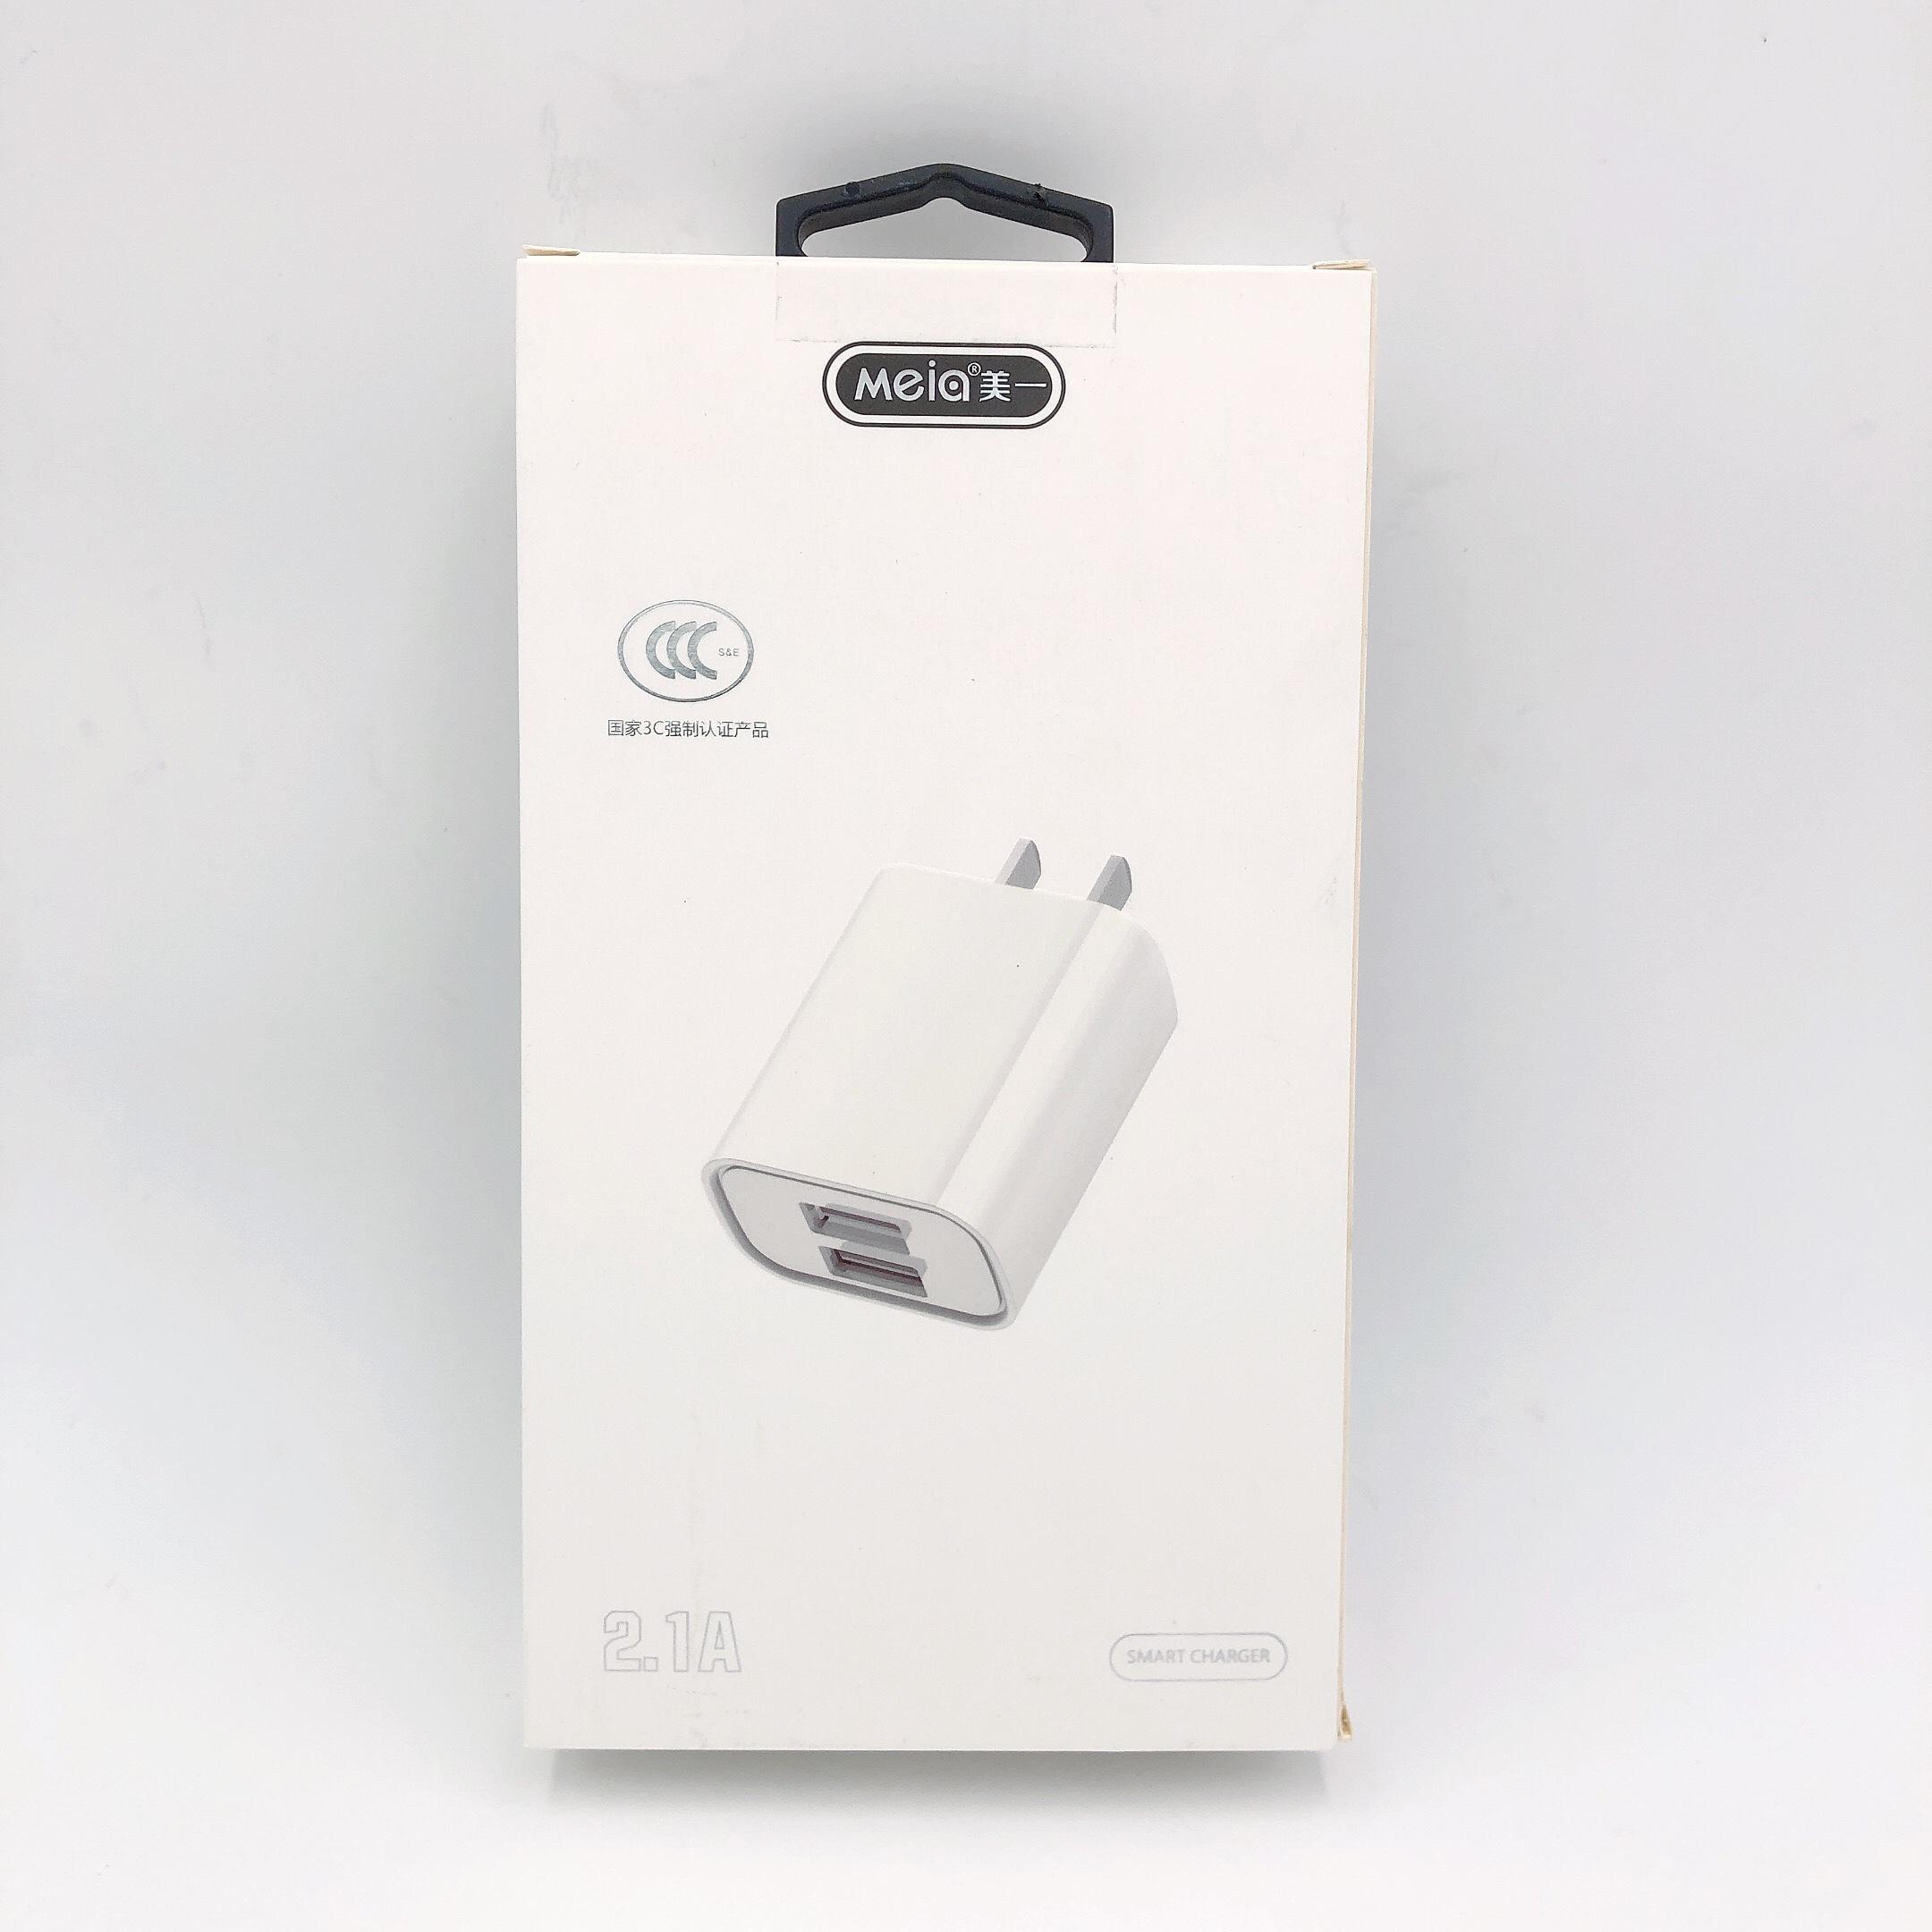 Củ Sạc 2 Cổng USB Hỗ Trợ Sạc Nhanh Meia C318 - Hàng chính hãng